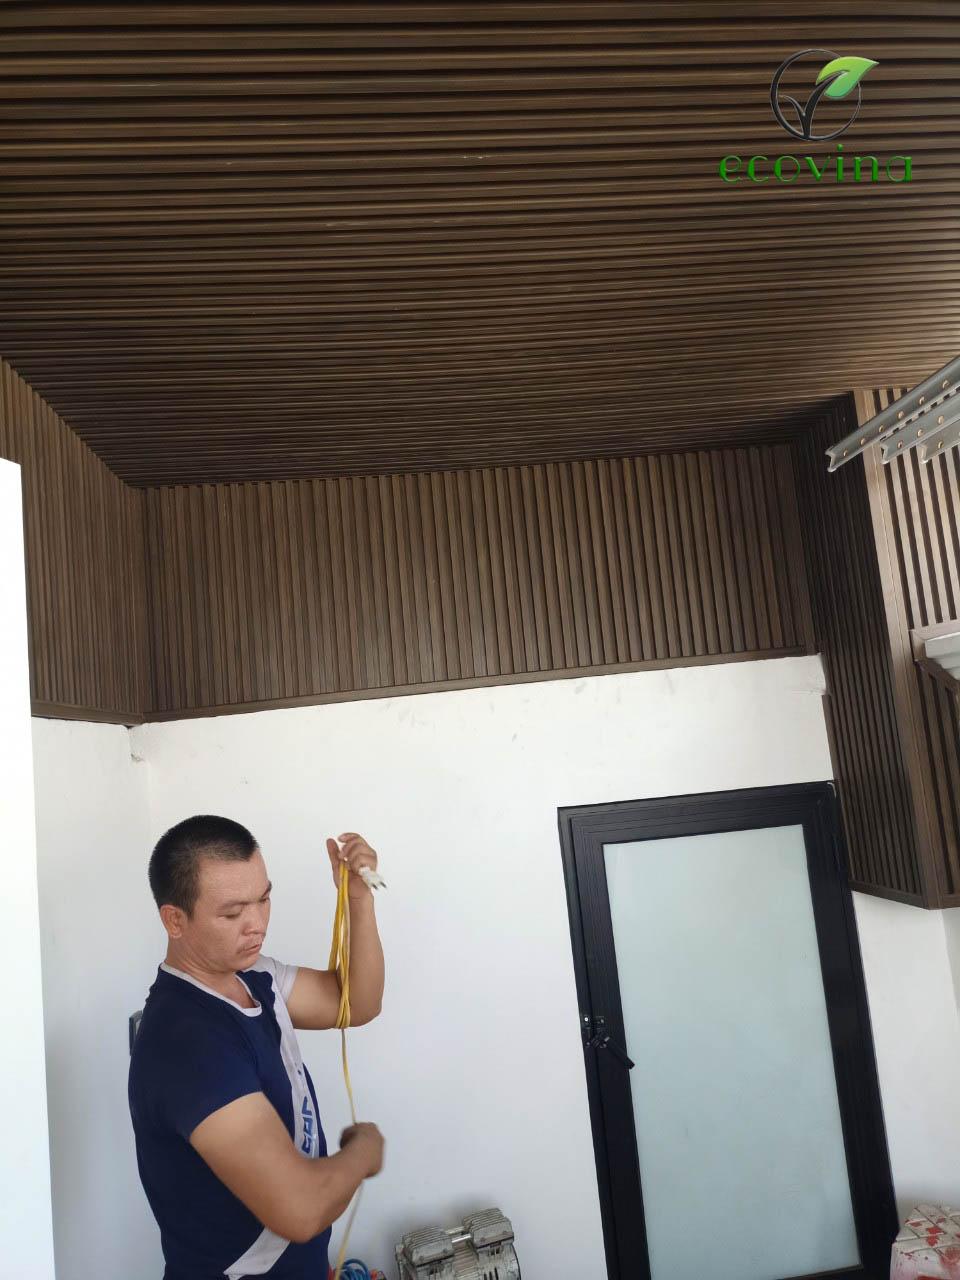 Thi công - cung cấp trần nan gỗ nhựa uy tín tại Hà Nội 2021